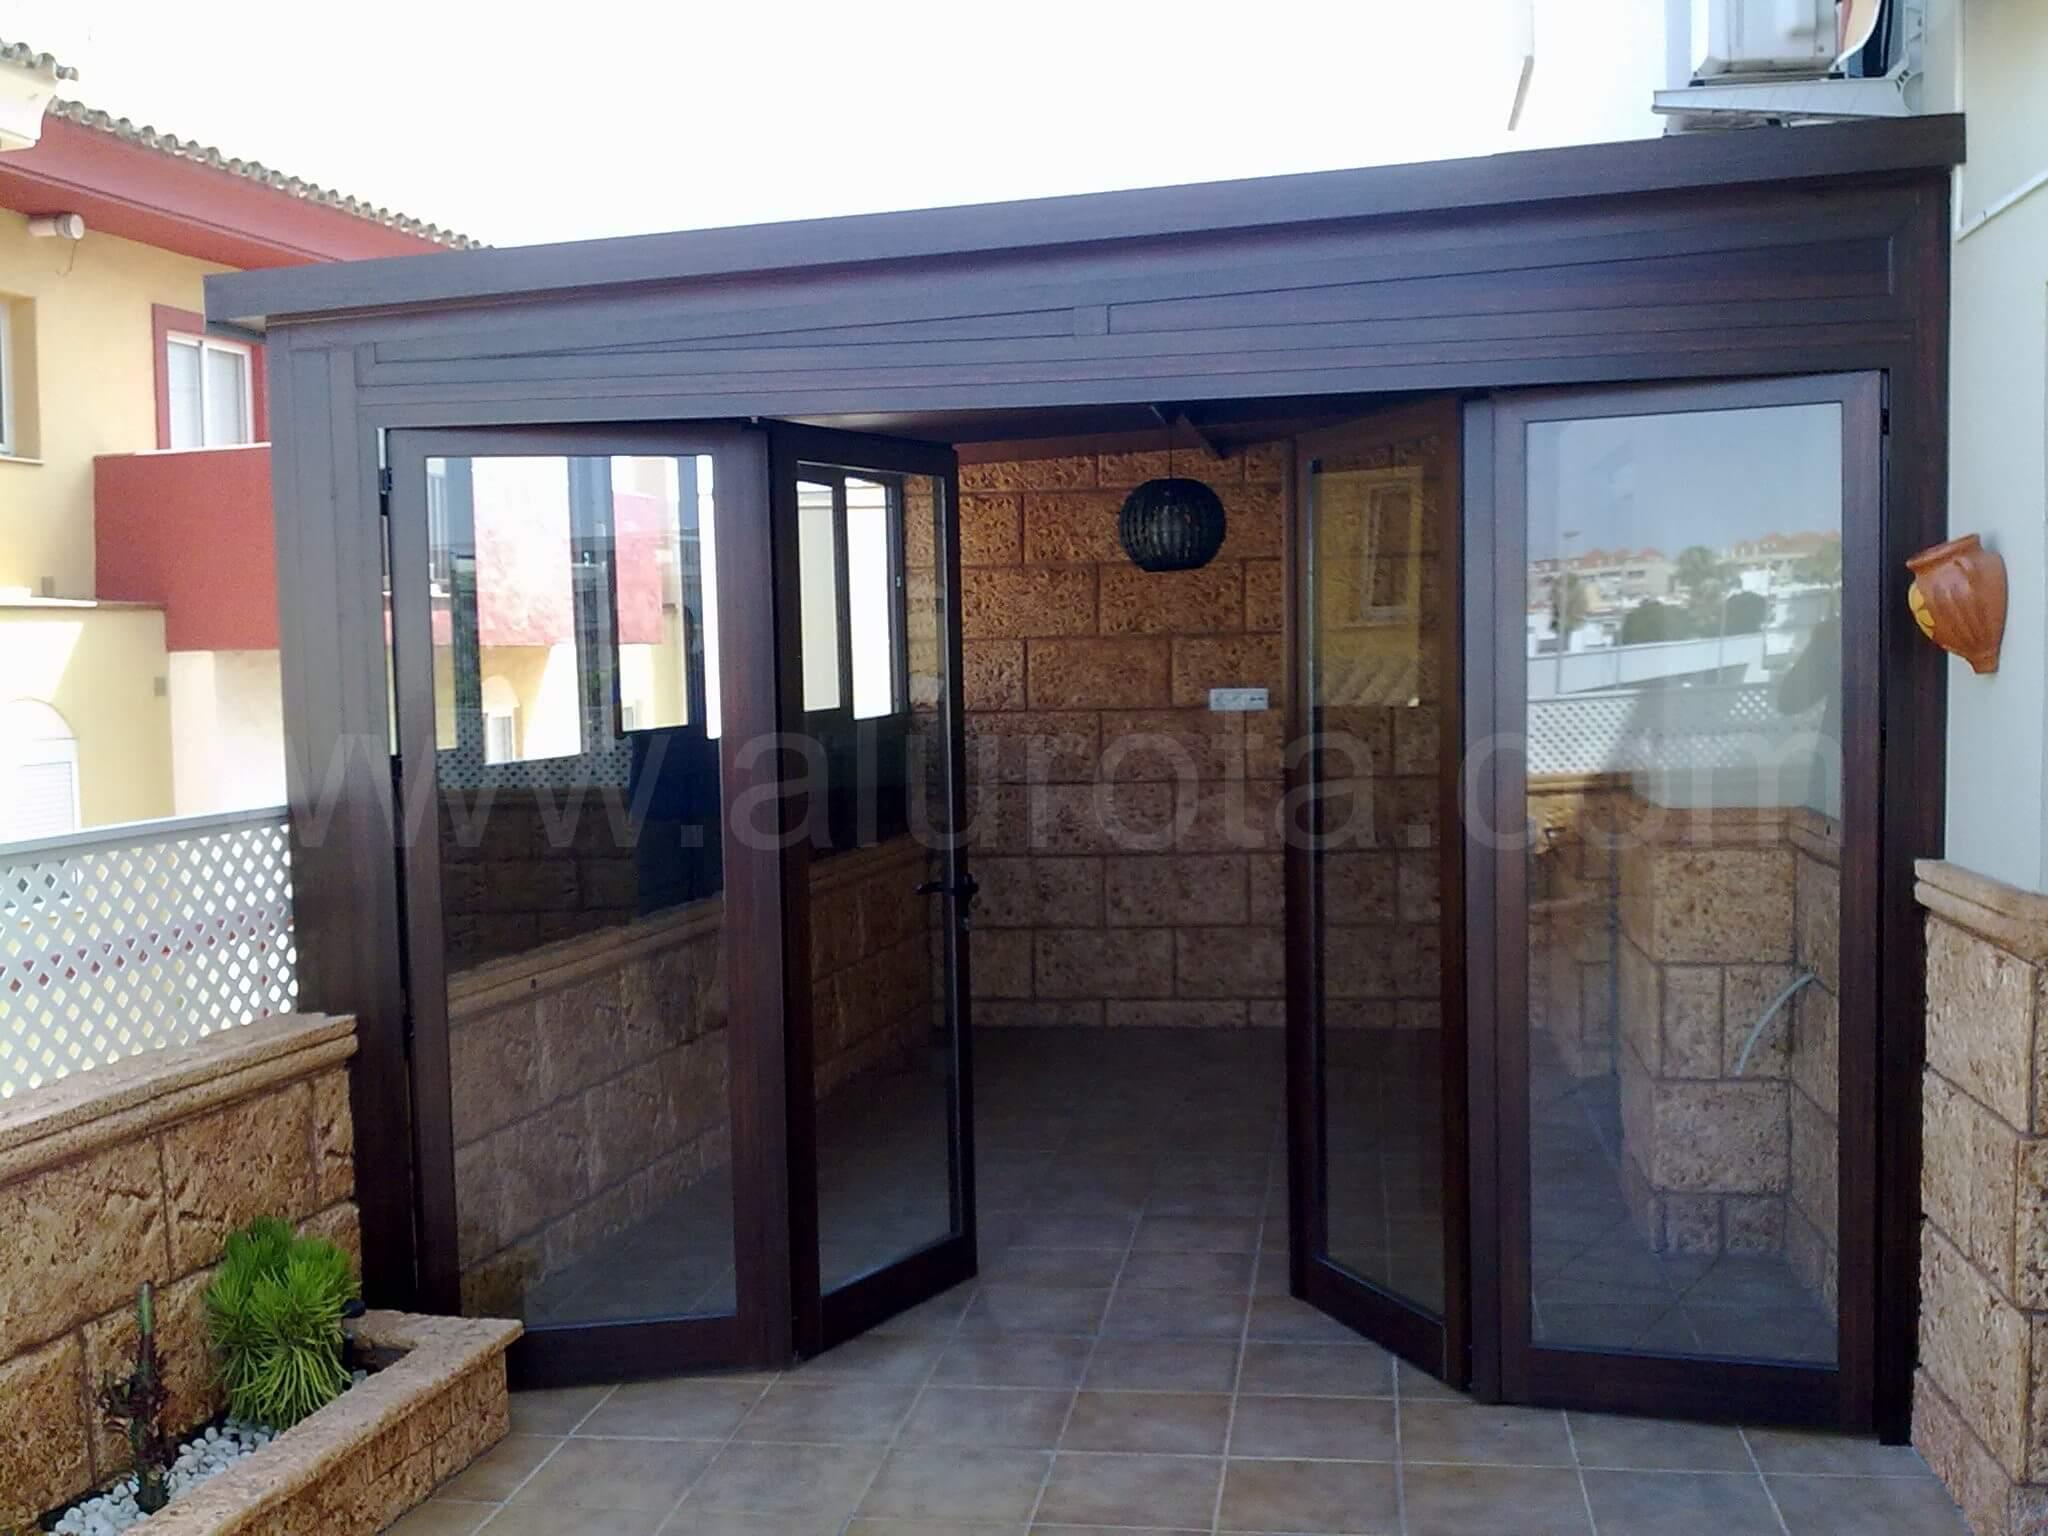 Instalaci n cerramiento terraza aluminio en nogal en rota for Cerramiento aluminio terraza